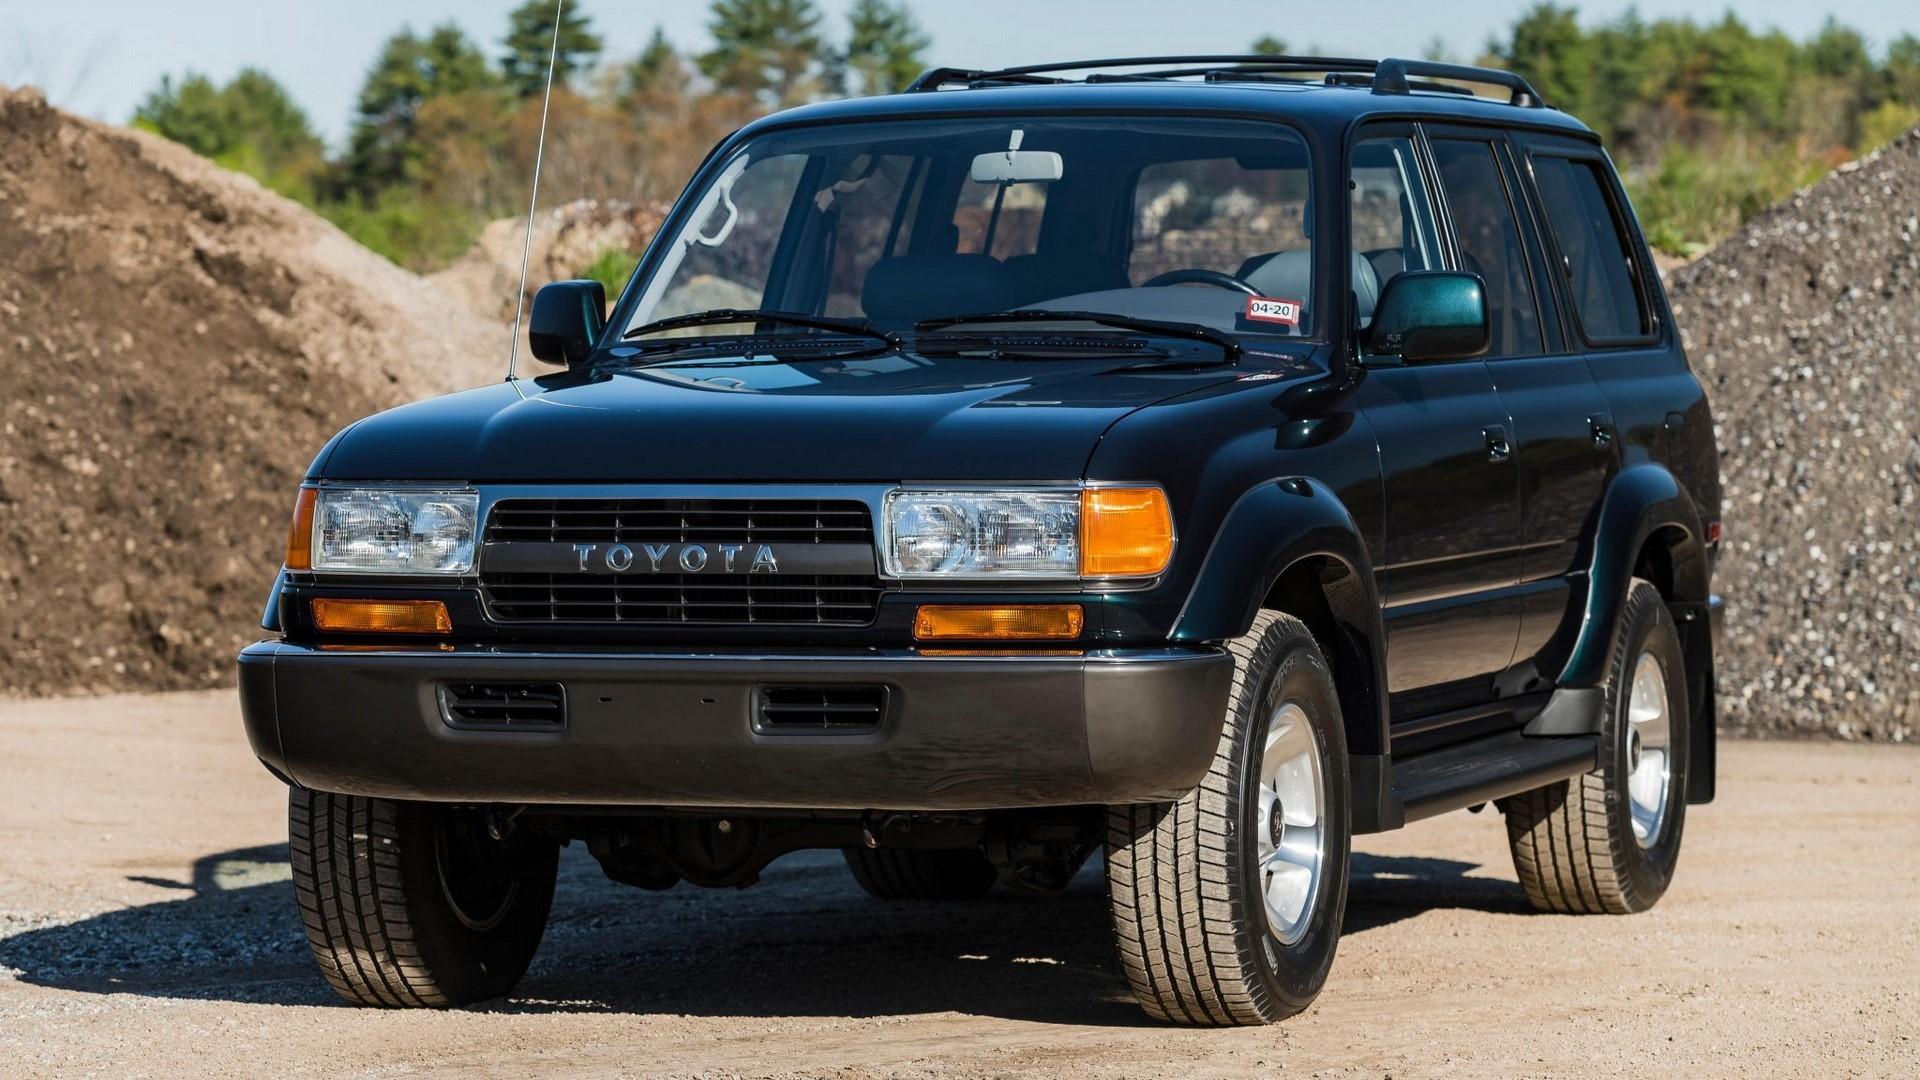 Drágább mint az új, pedig 27 éves ez a Toyota Land Cruiser